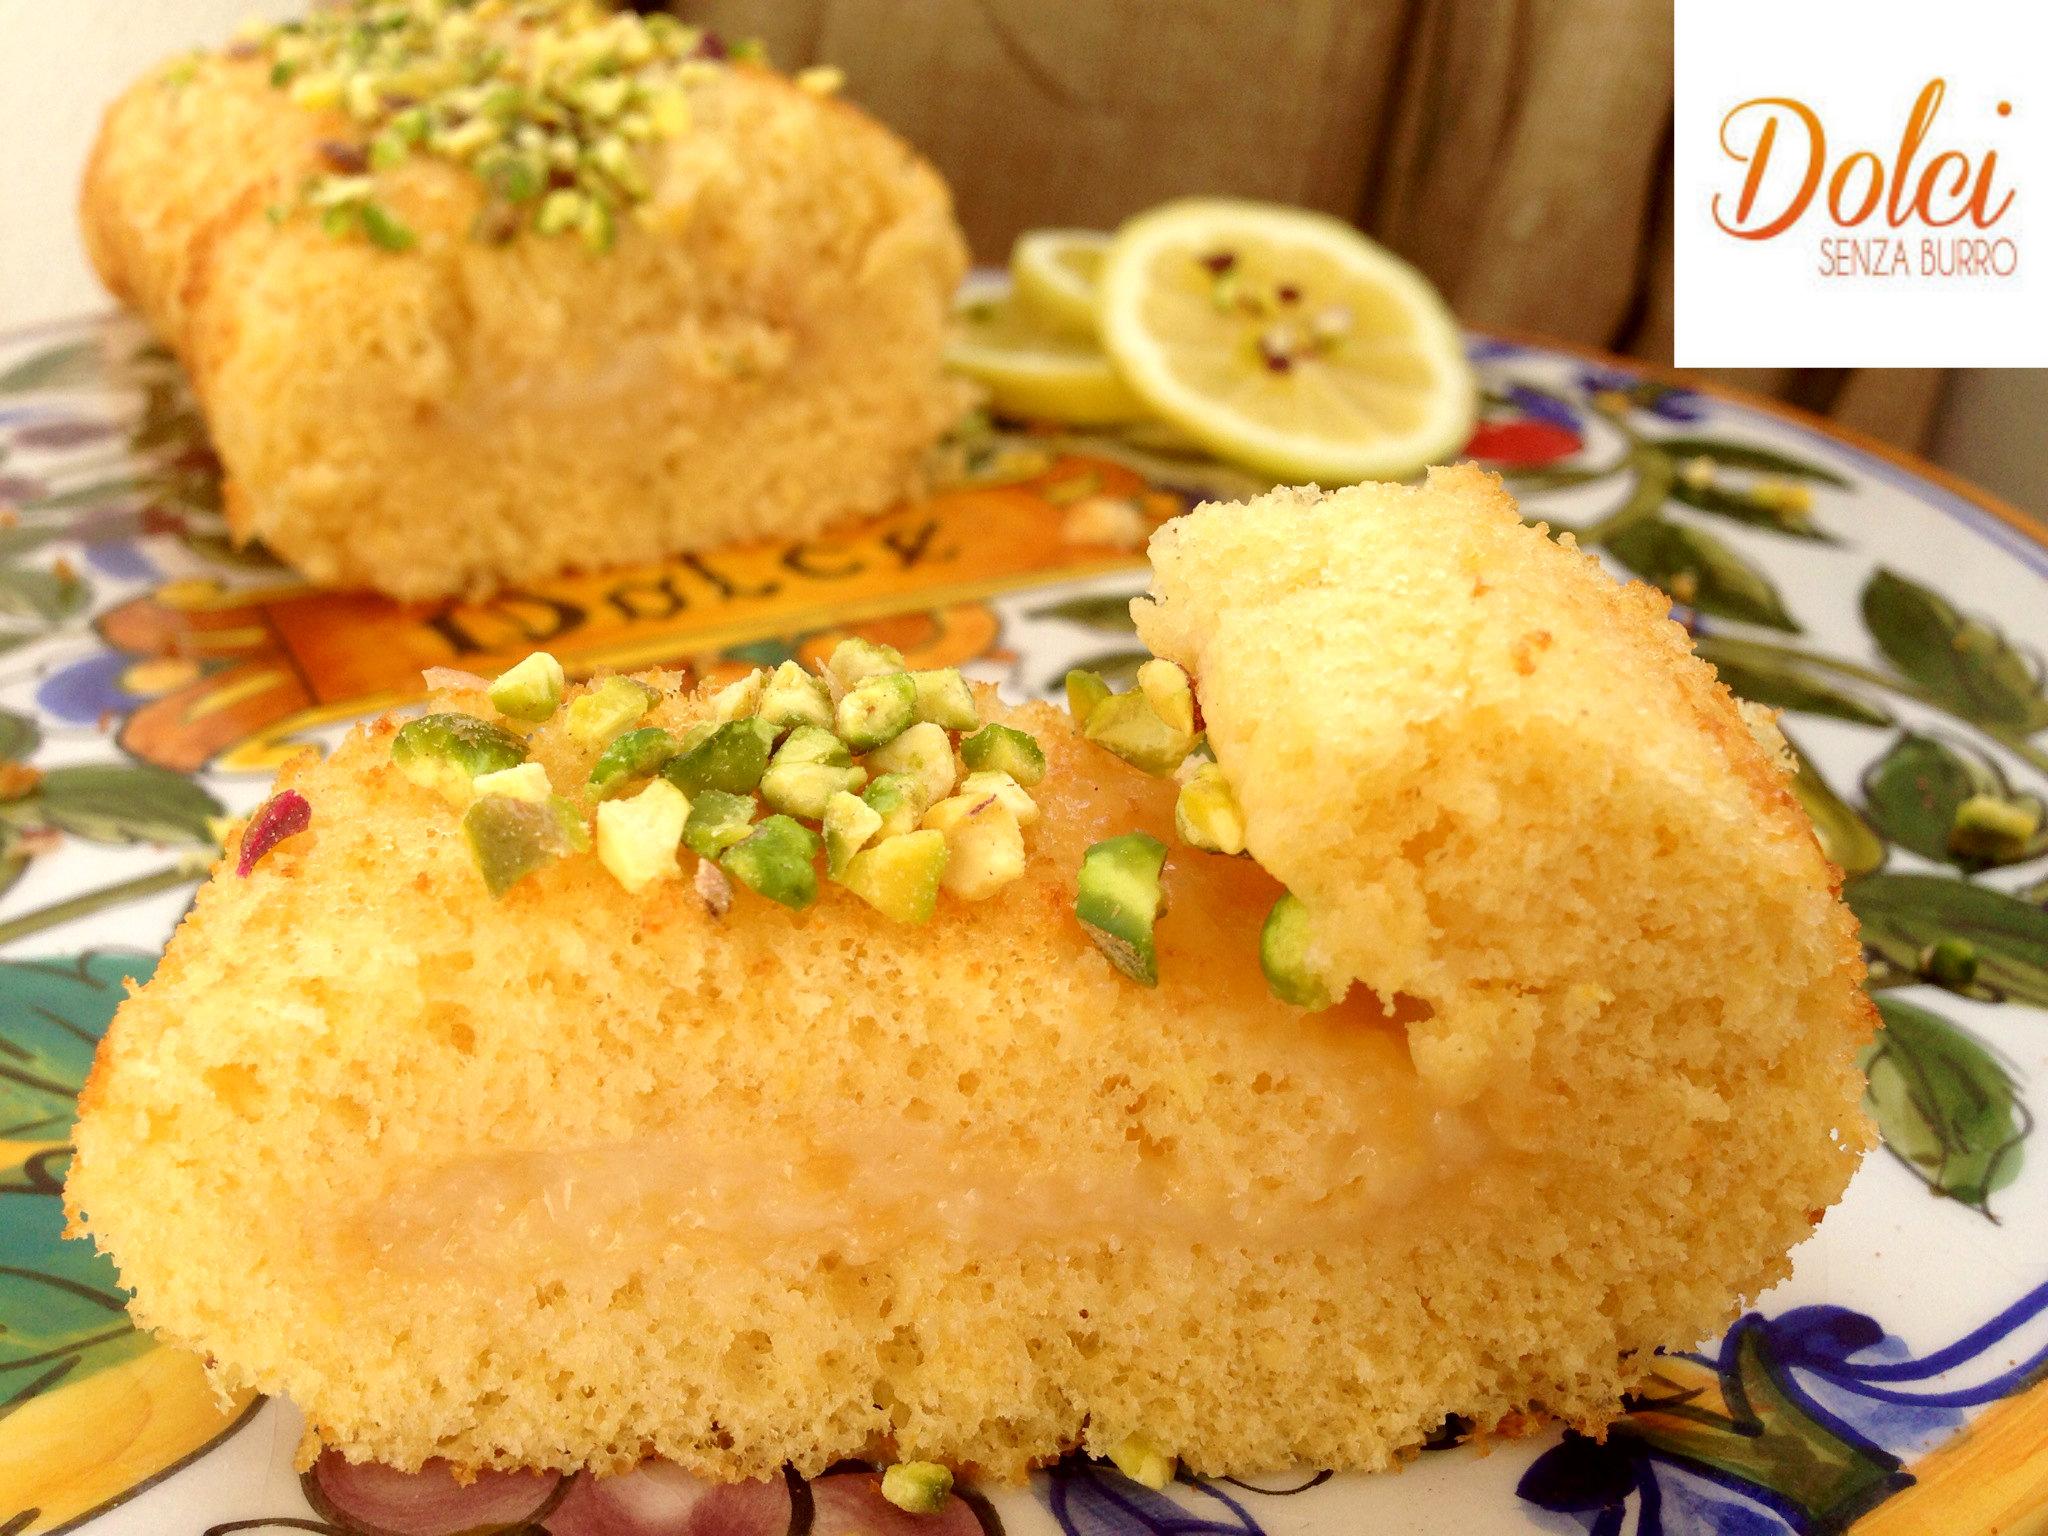 Il Rotolo al Limoncello Senza Burro il dolce realizzato da pasta biscotto e crema golosa di dolci senza burro